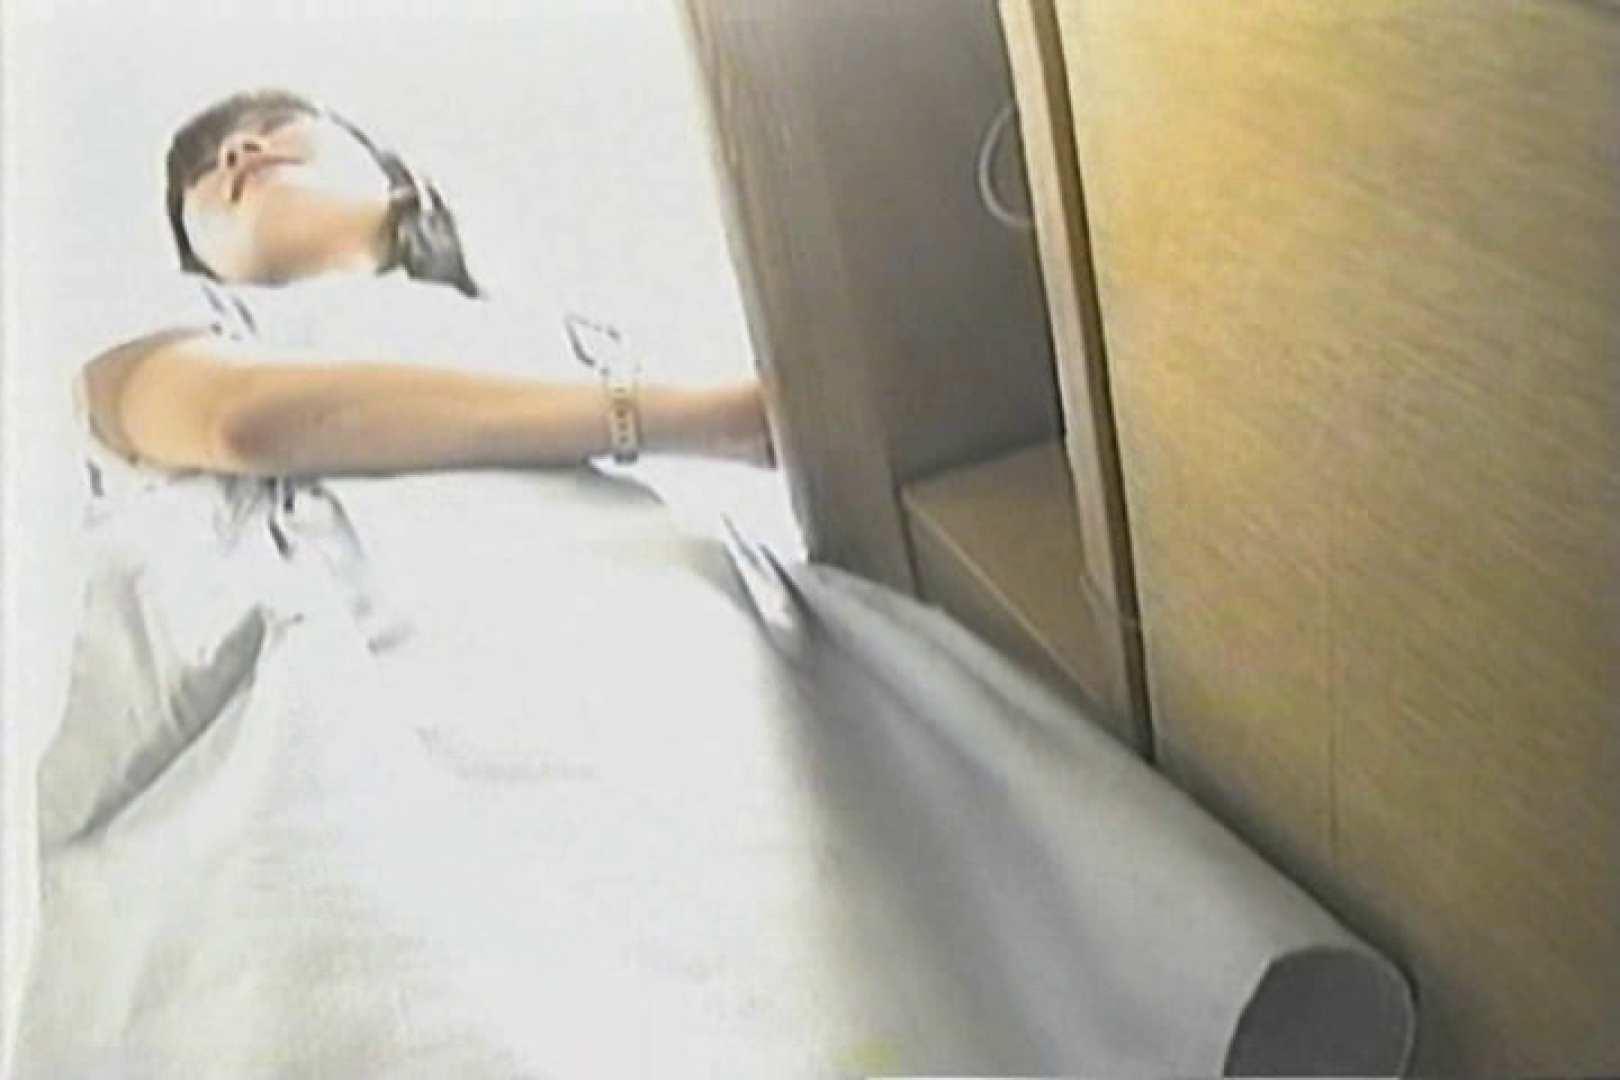 デパートローアングル徘徊 靴カメ盗撮Vol.2 HなOL | エッチな盗撮  110pic 11